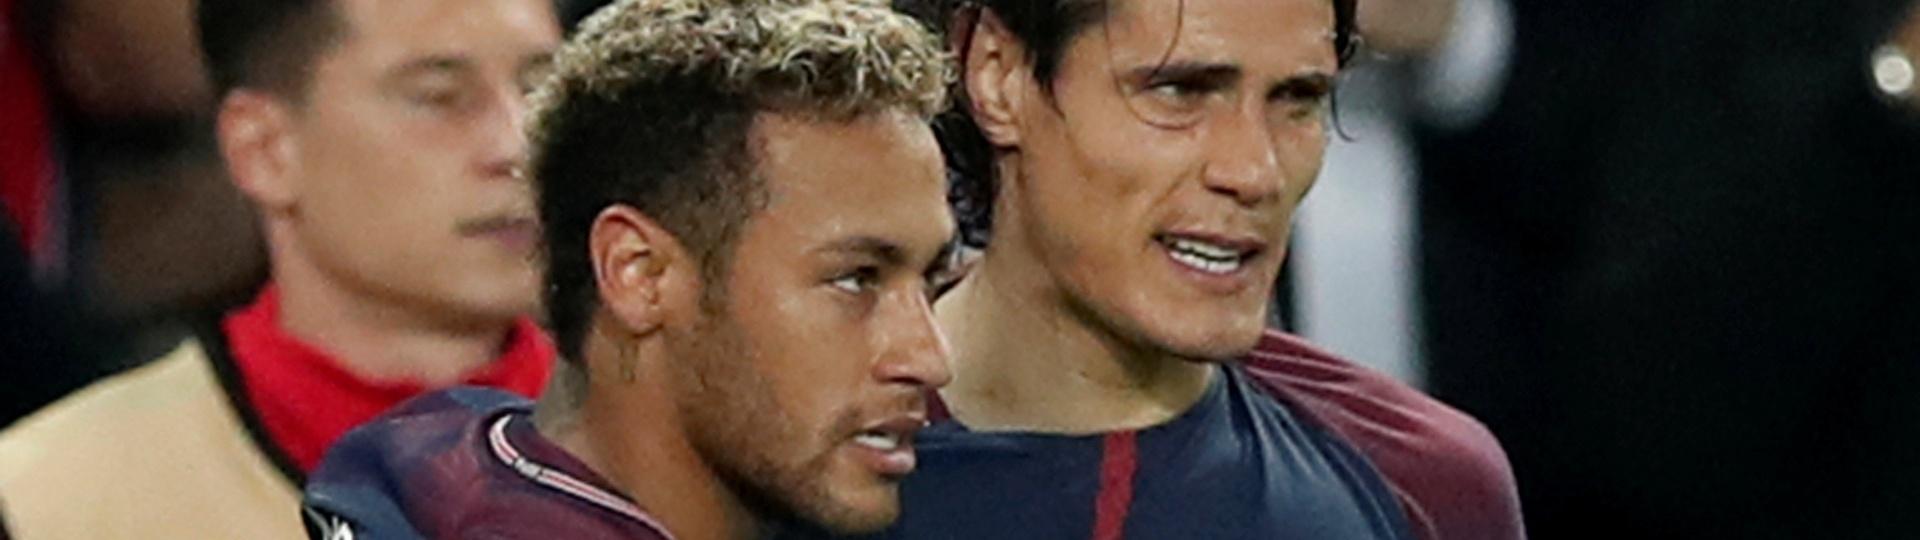 Cavani abraça Neymar na comemoração do gol do brasileiro